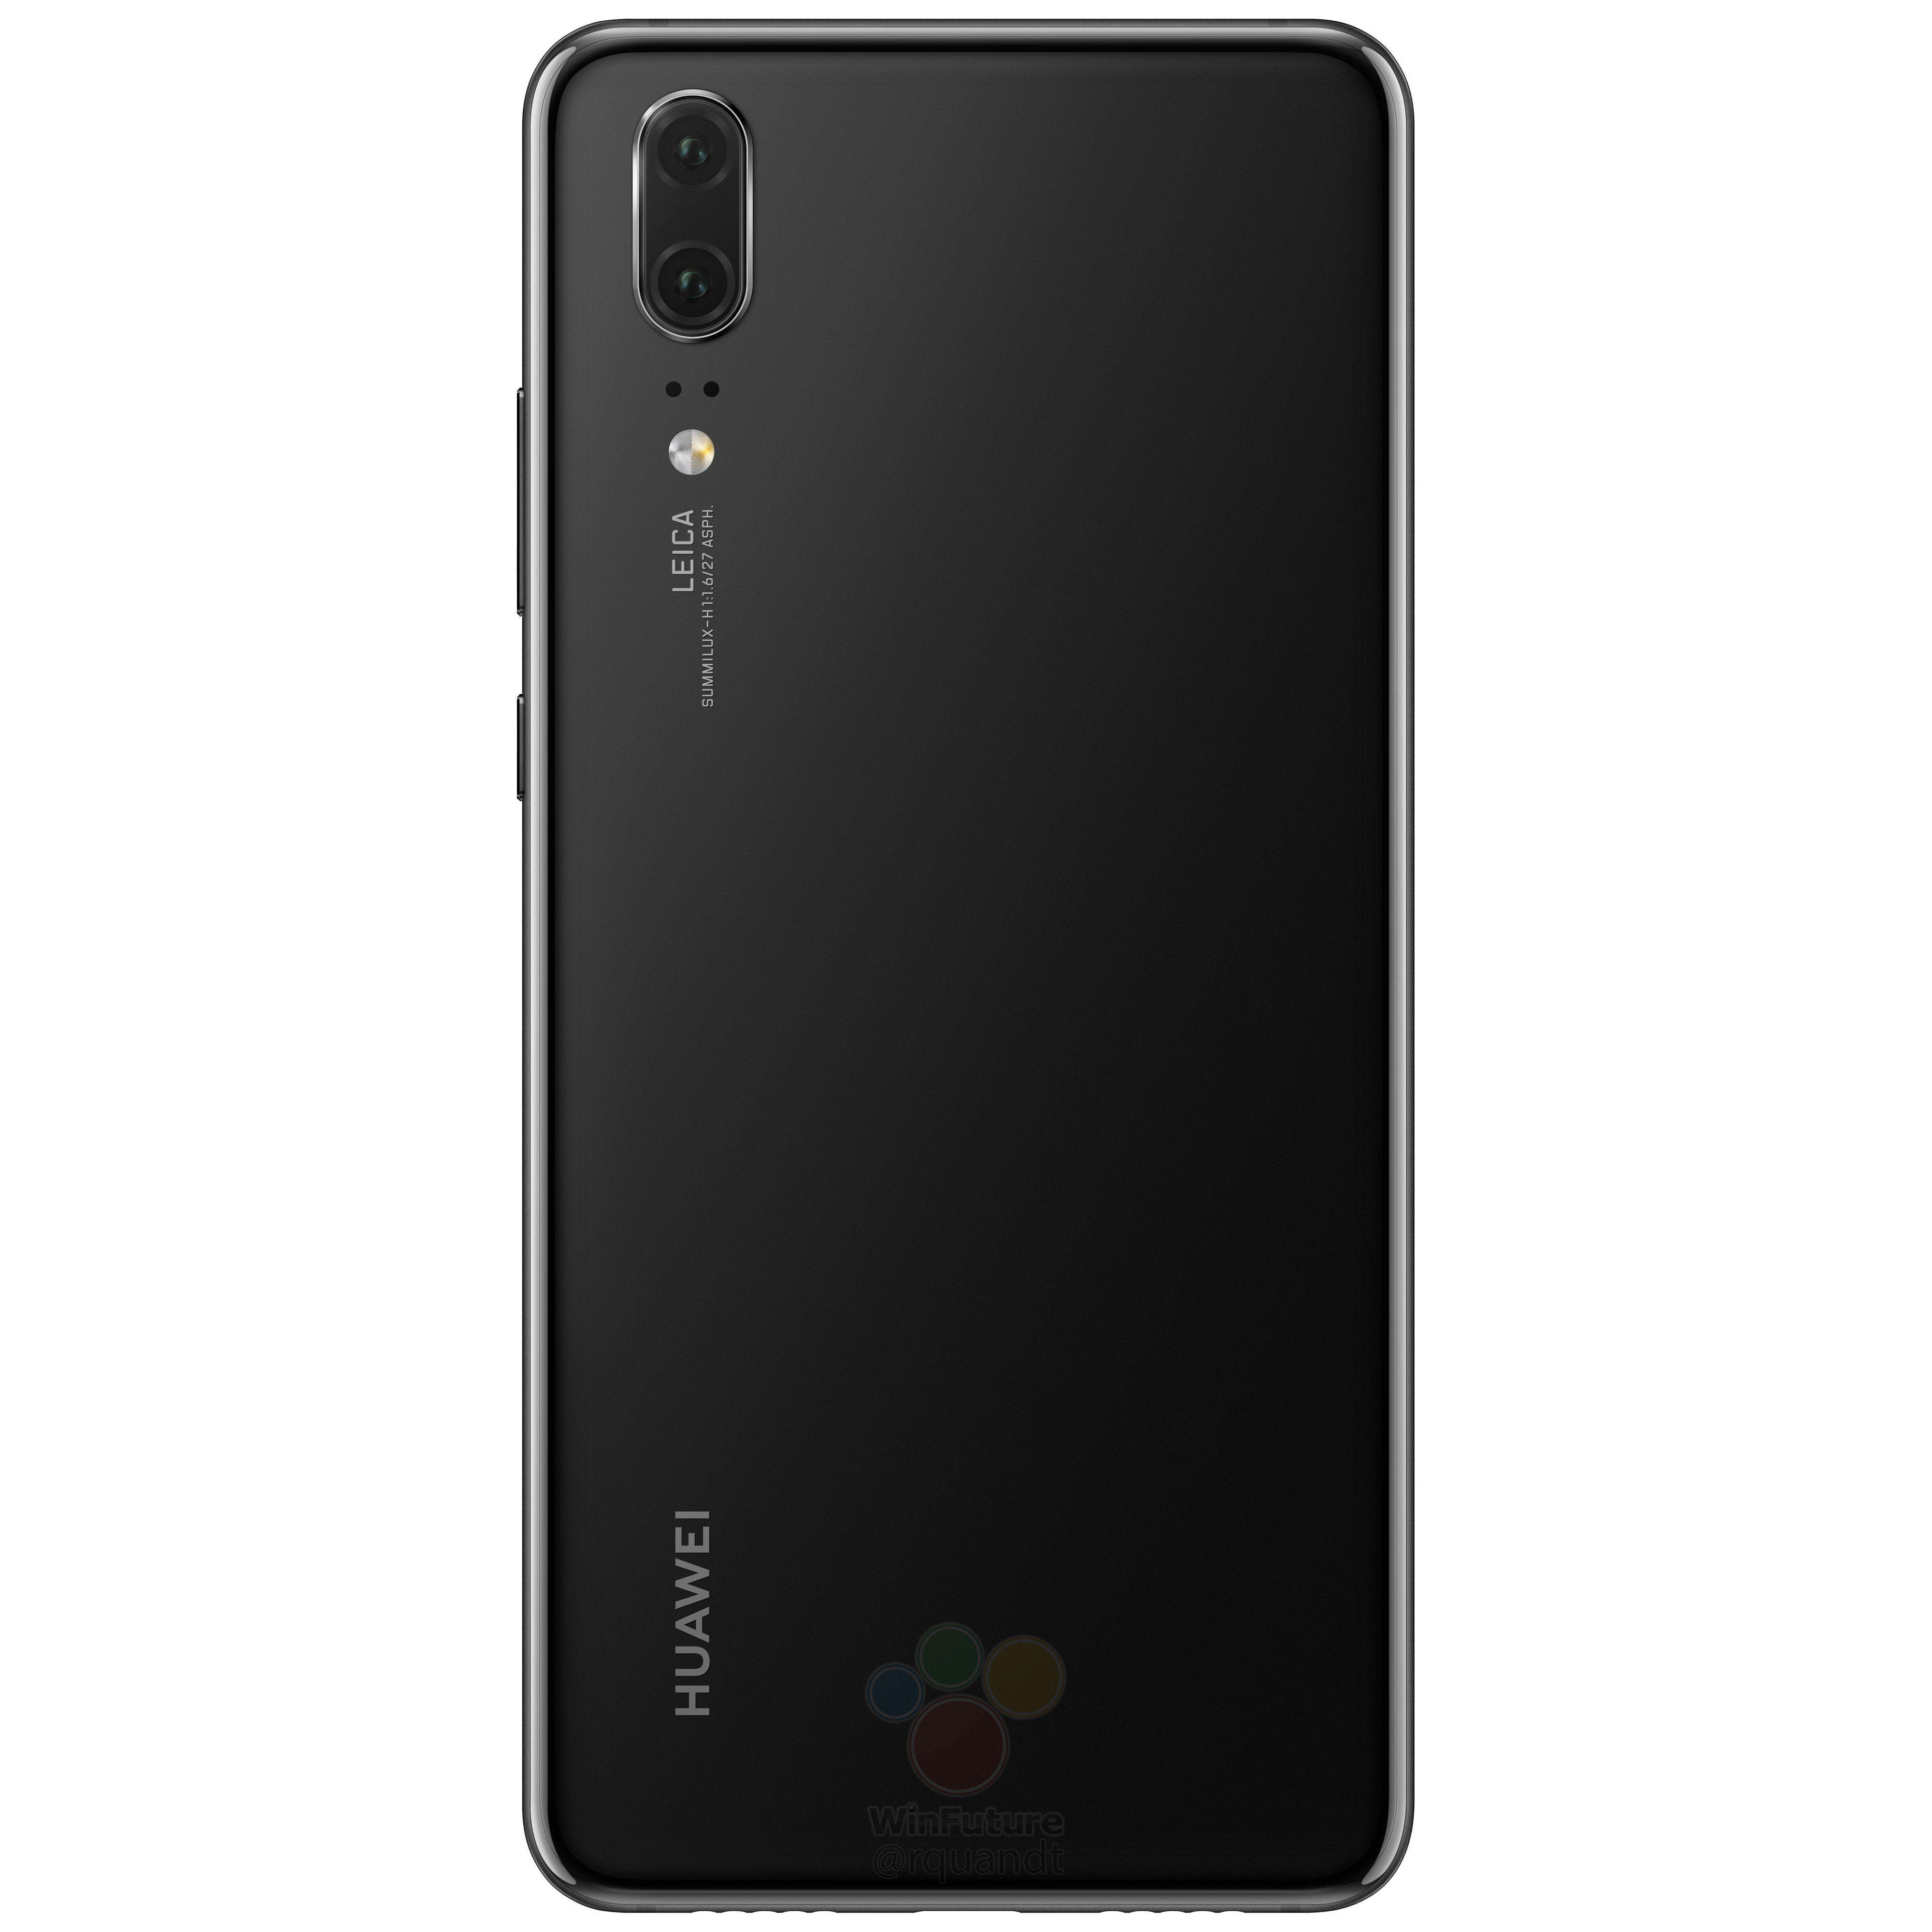 Läcka kring Huawei P20 högupplösta bilder på trion